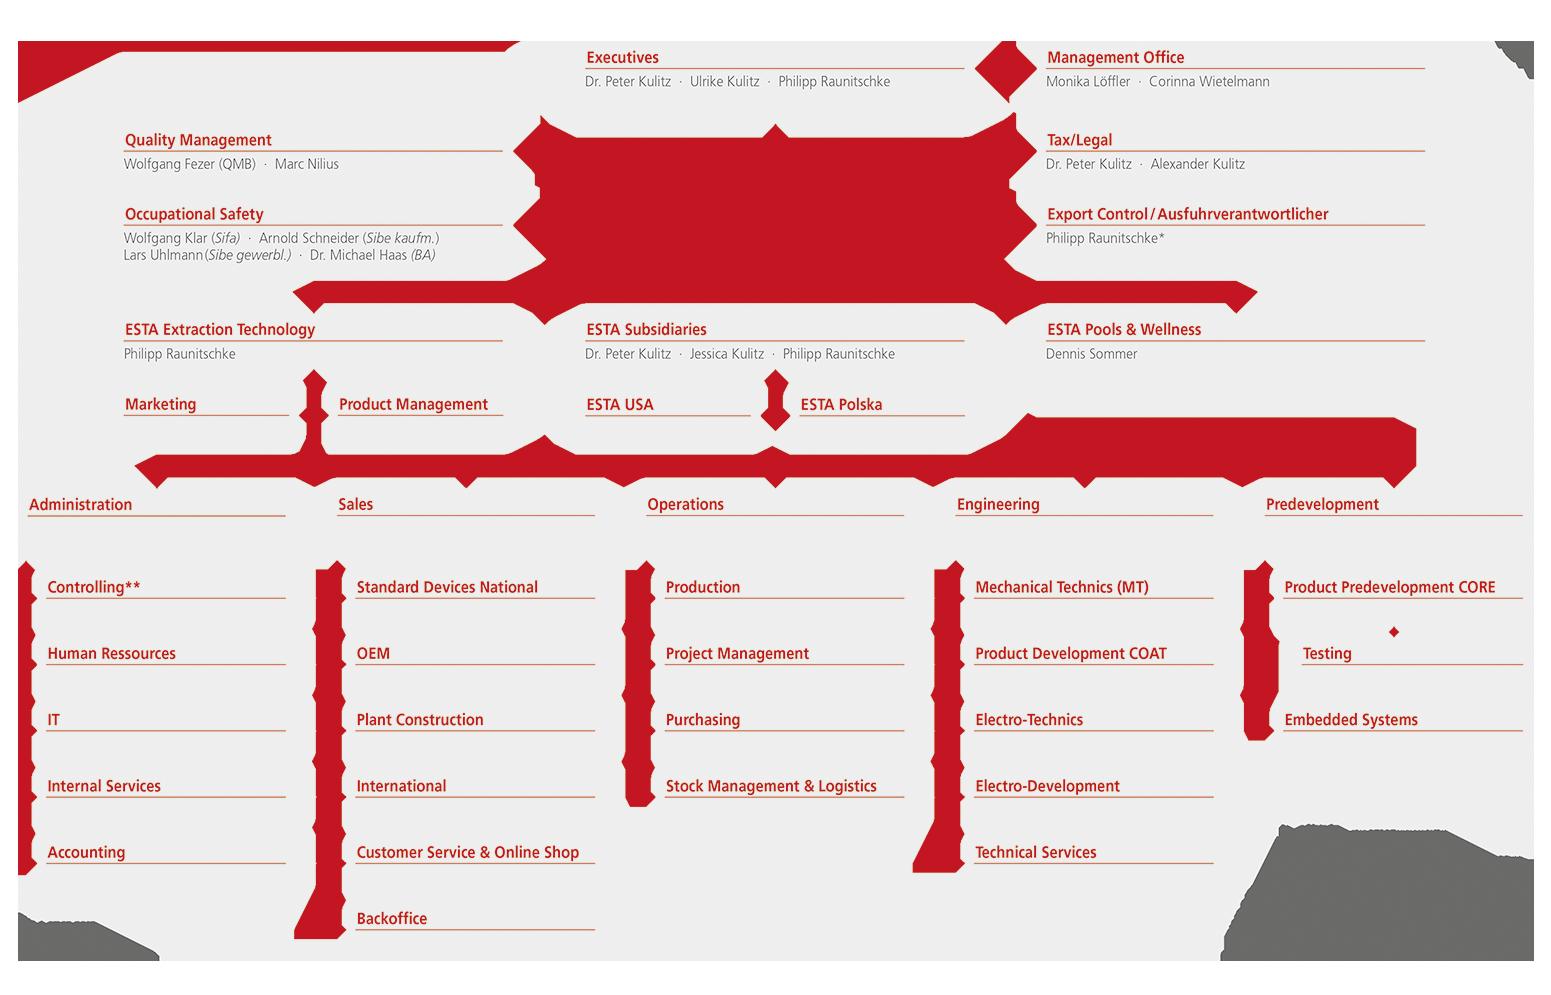 Organigramm der ESTA Apparatebau GmbH & Co. KG